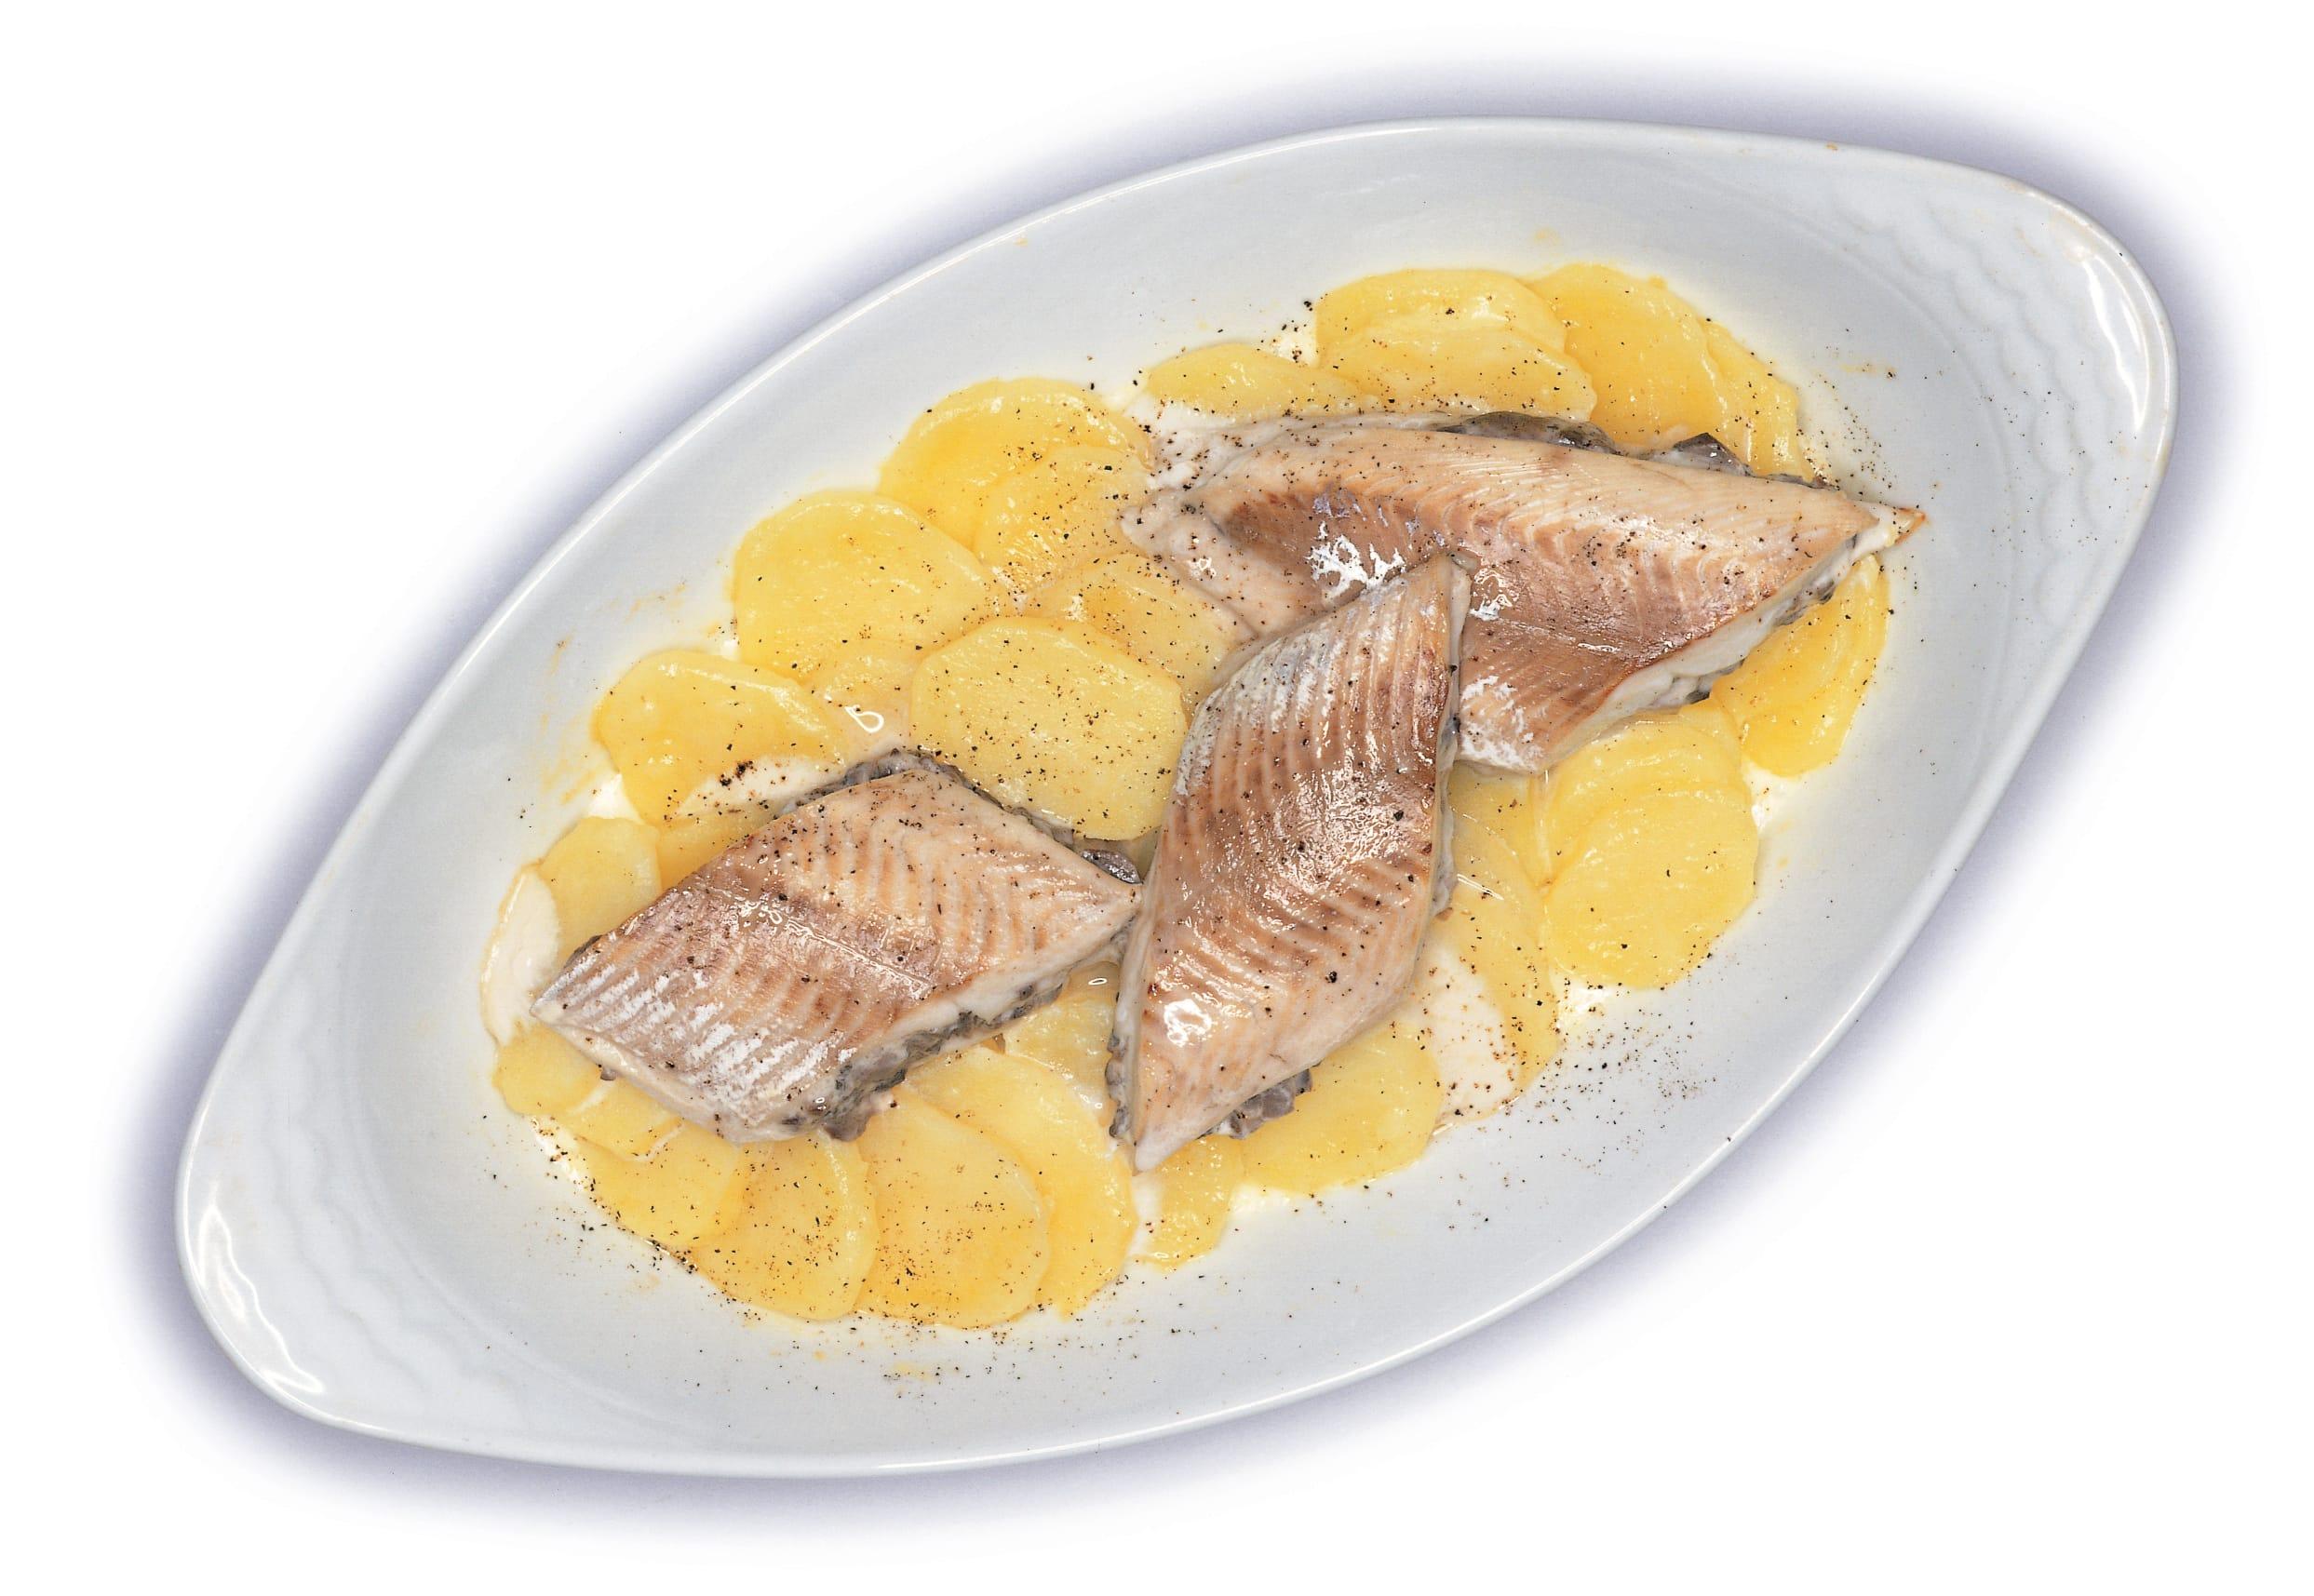 Felchenfilets mit Champignons-Frischkäse-Füllung